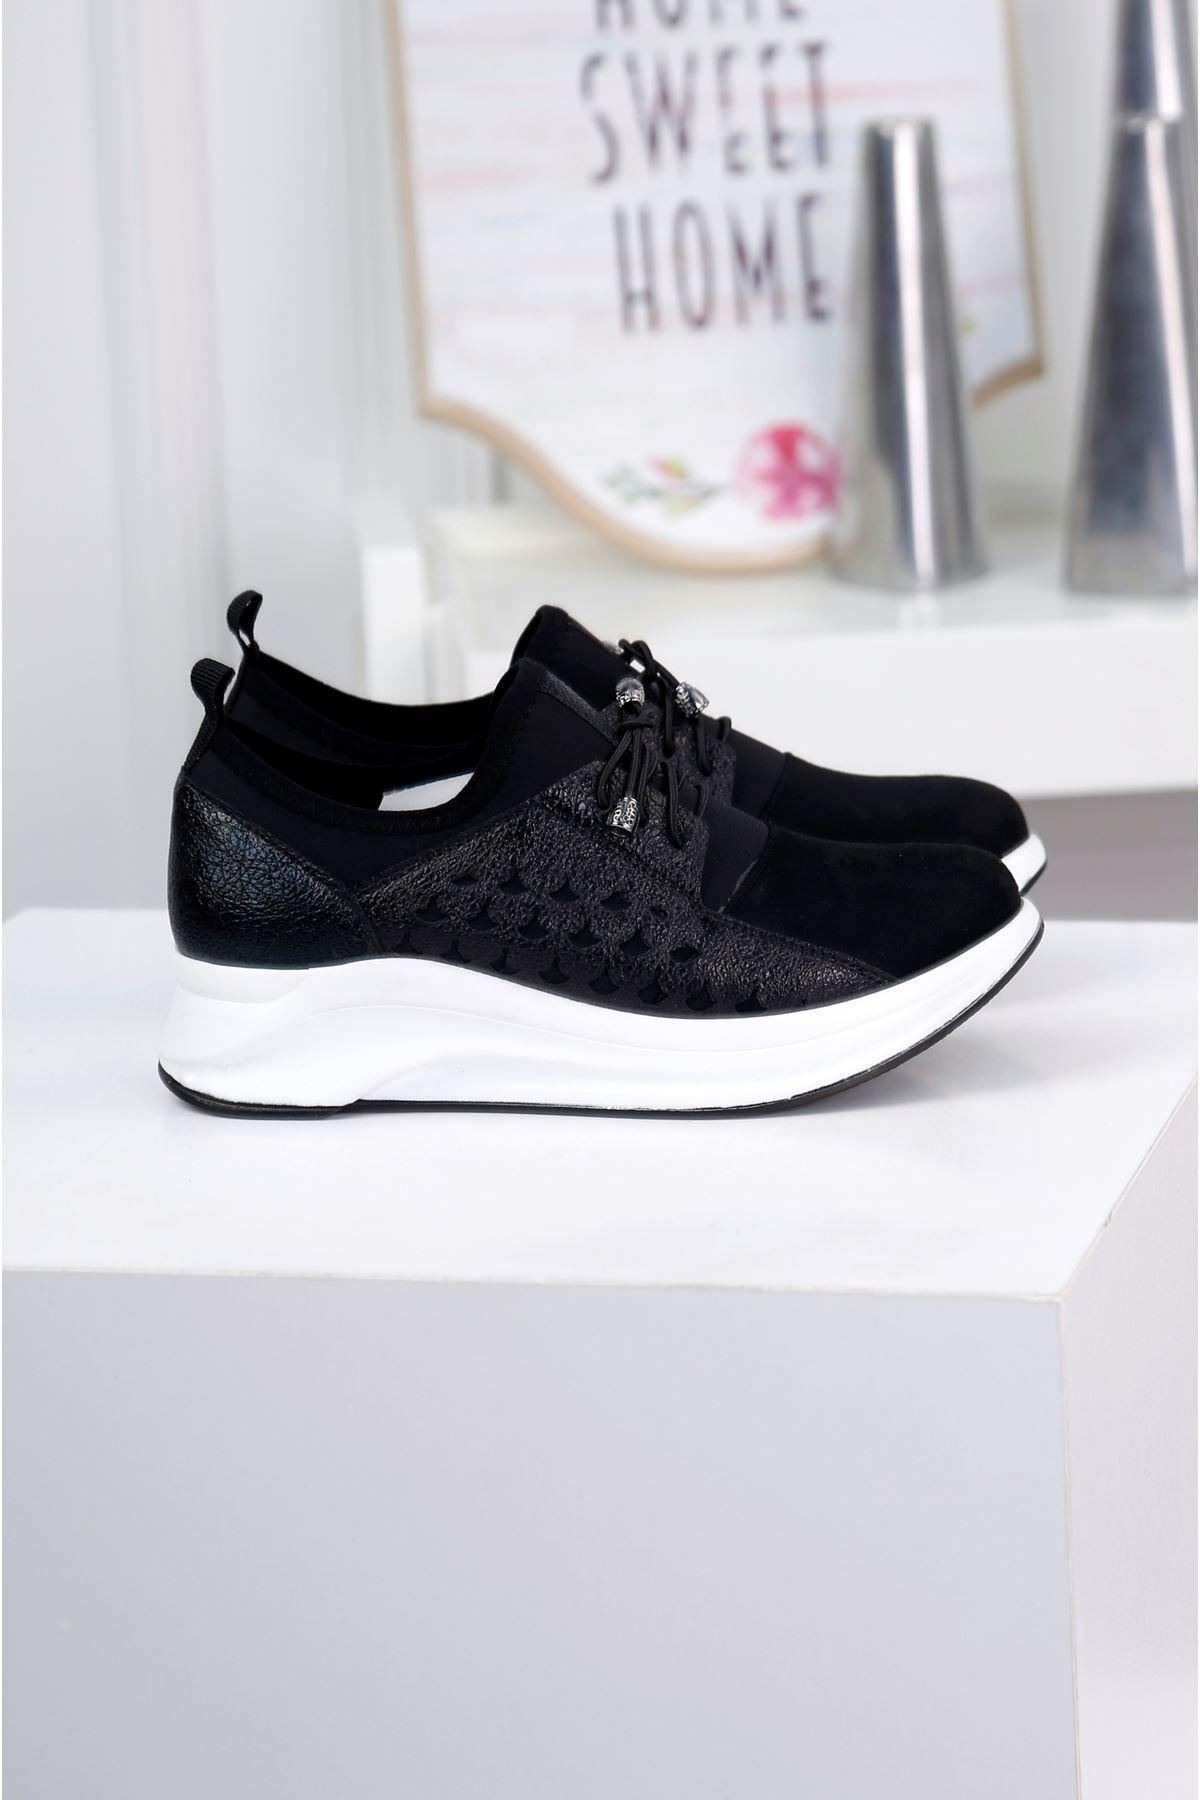 NOBLE Siyah Günlük Süet Ayakkabı